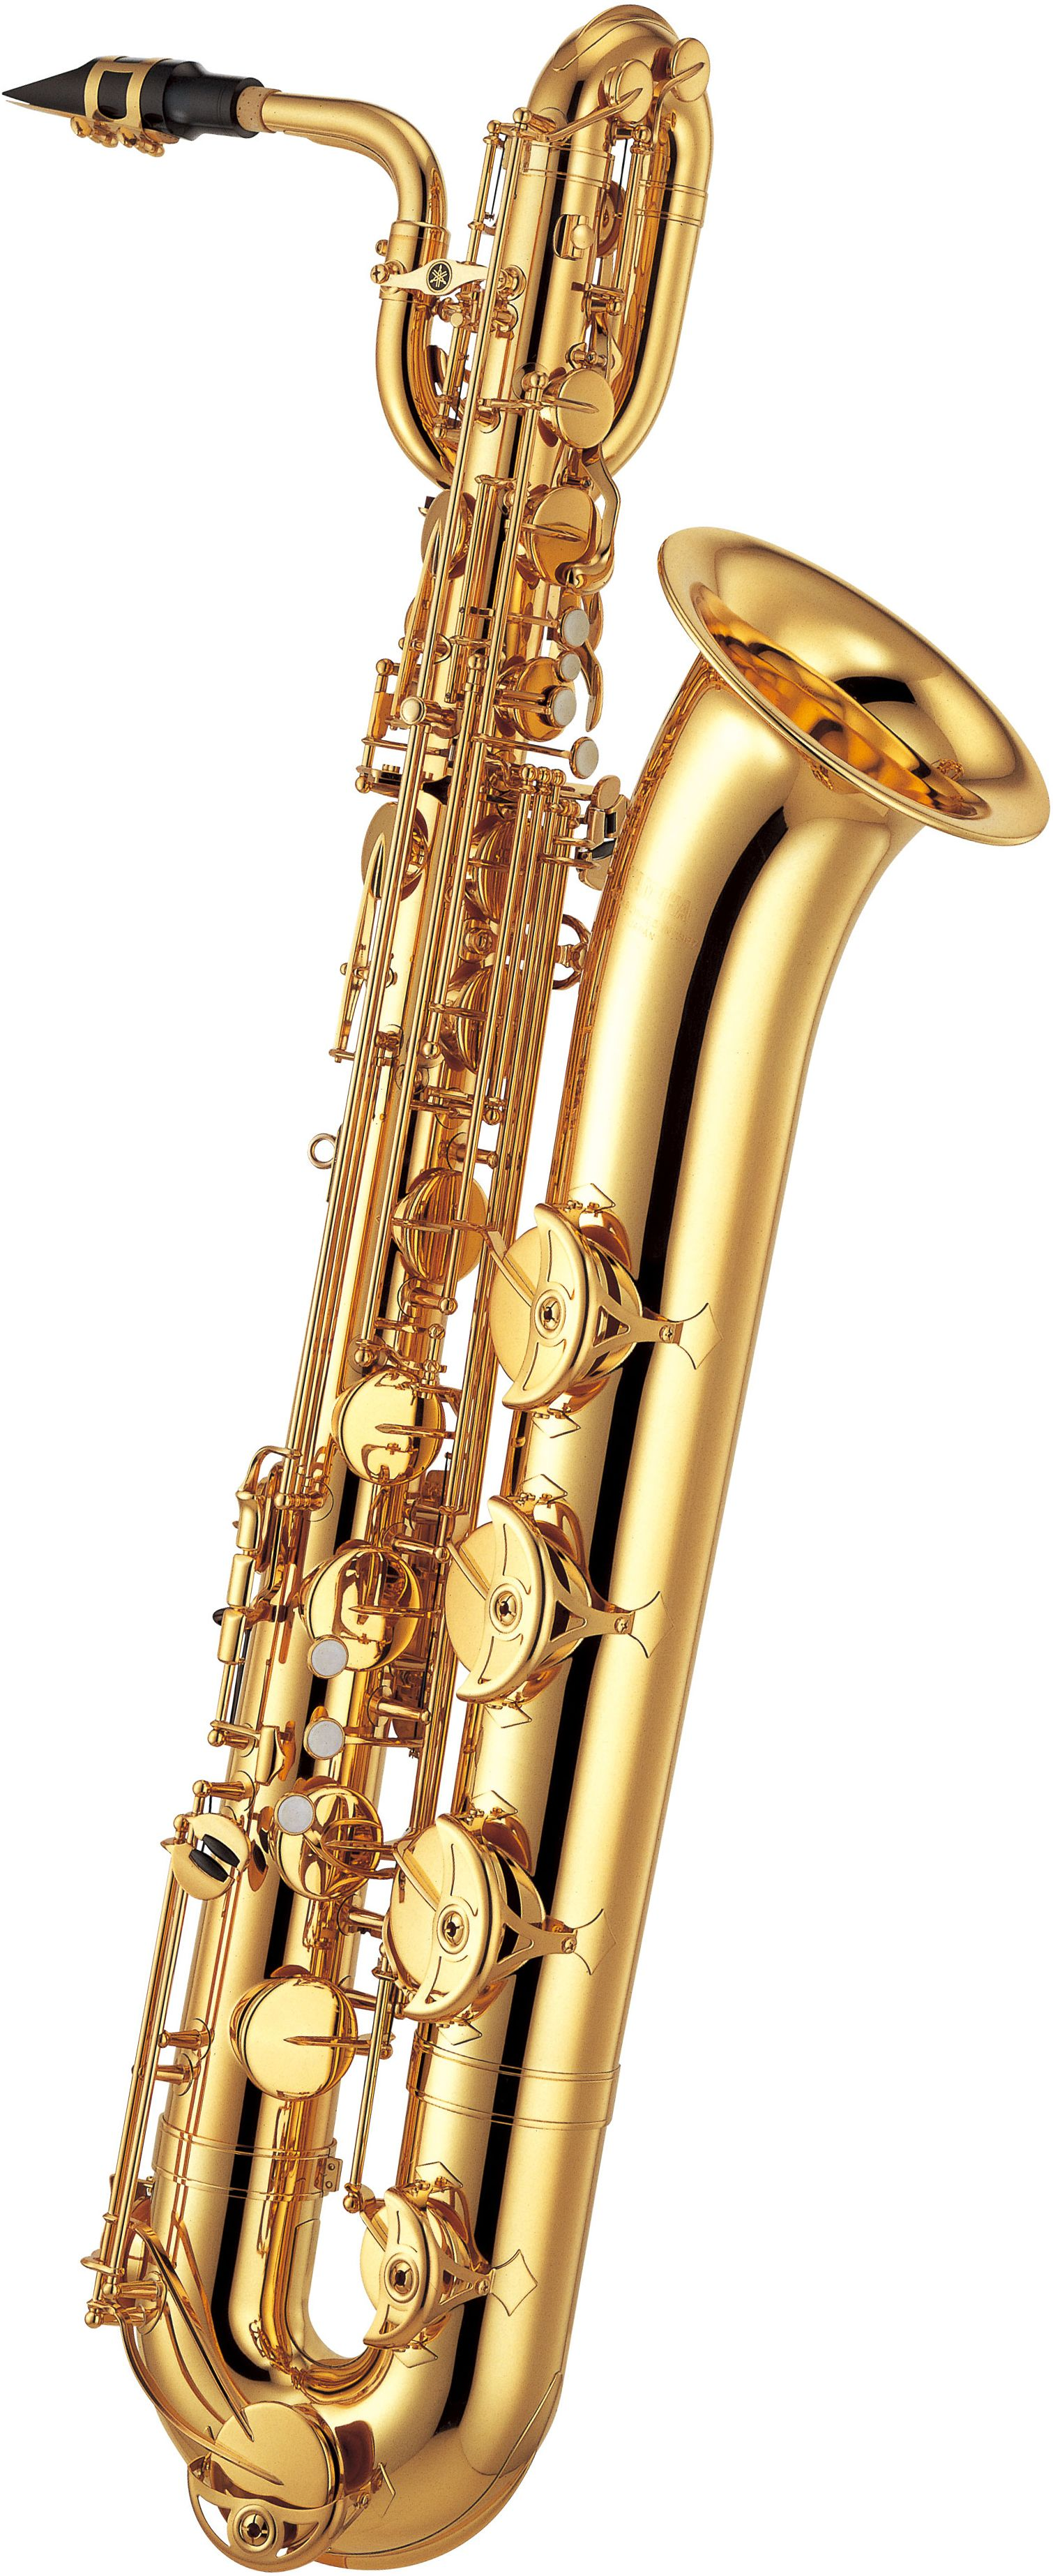 Yamaha - YBS - 32 - E - Holzblasinstrumente - Saxophone | MUSIK BERTRAM Deutschland Freiburg